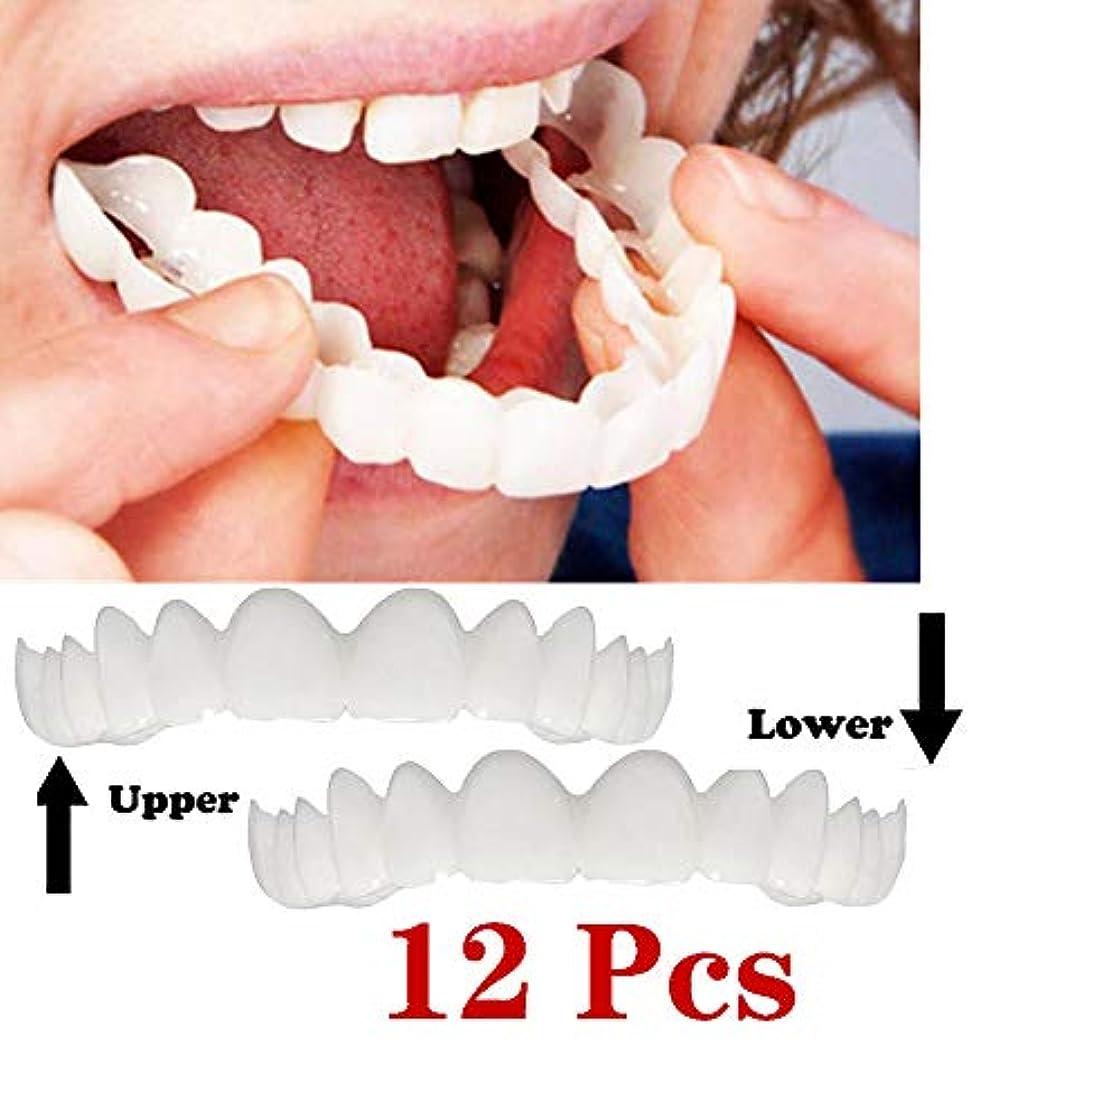 スムーズにメディック削る快適な化粧品歯柔軟な義歯一時的な笑顔悪い歯黄色い歯黒い歯ホワイトニング義歯ケアブレース - 6セット(下+上)